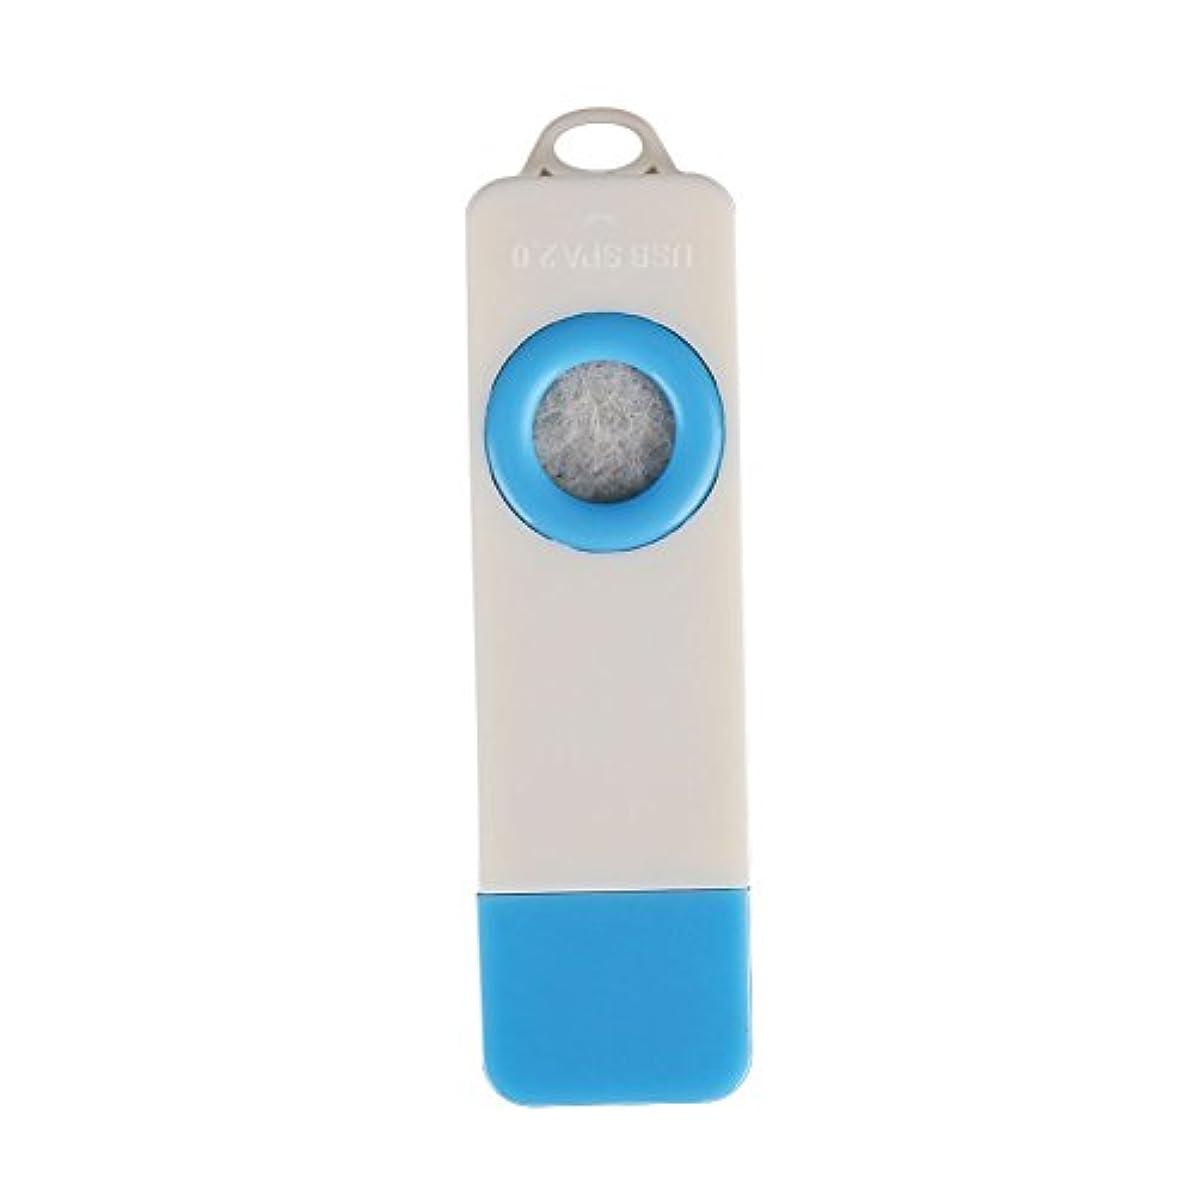 洗練されたアジア人通行料金TOPmountain ファッションミニ USBアロマセラピーディフューザー ポータブル自動香 カーアクセサリーアクセサリー ホームアロマセラピー 健康アロマ オイル加湿器